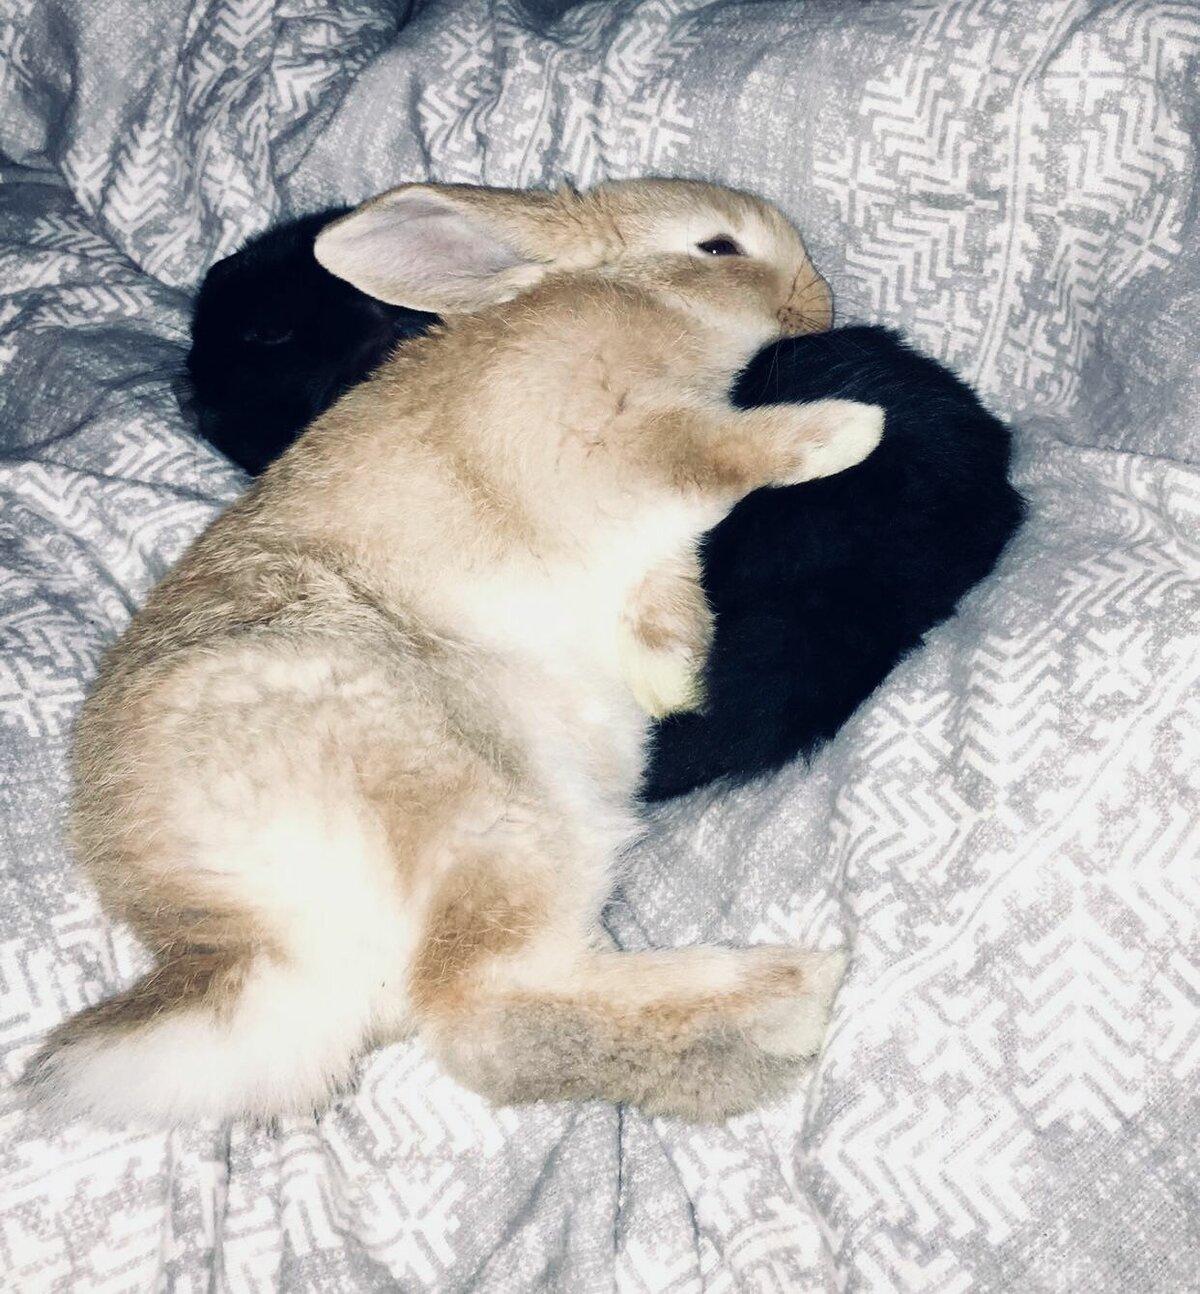 картинка сплю зайчик без коментариев автора